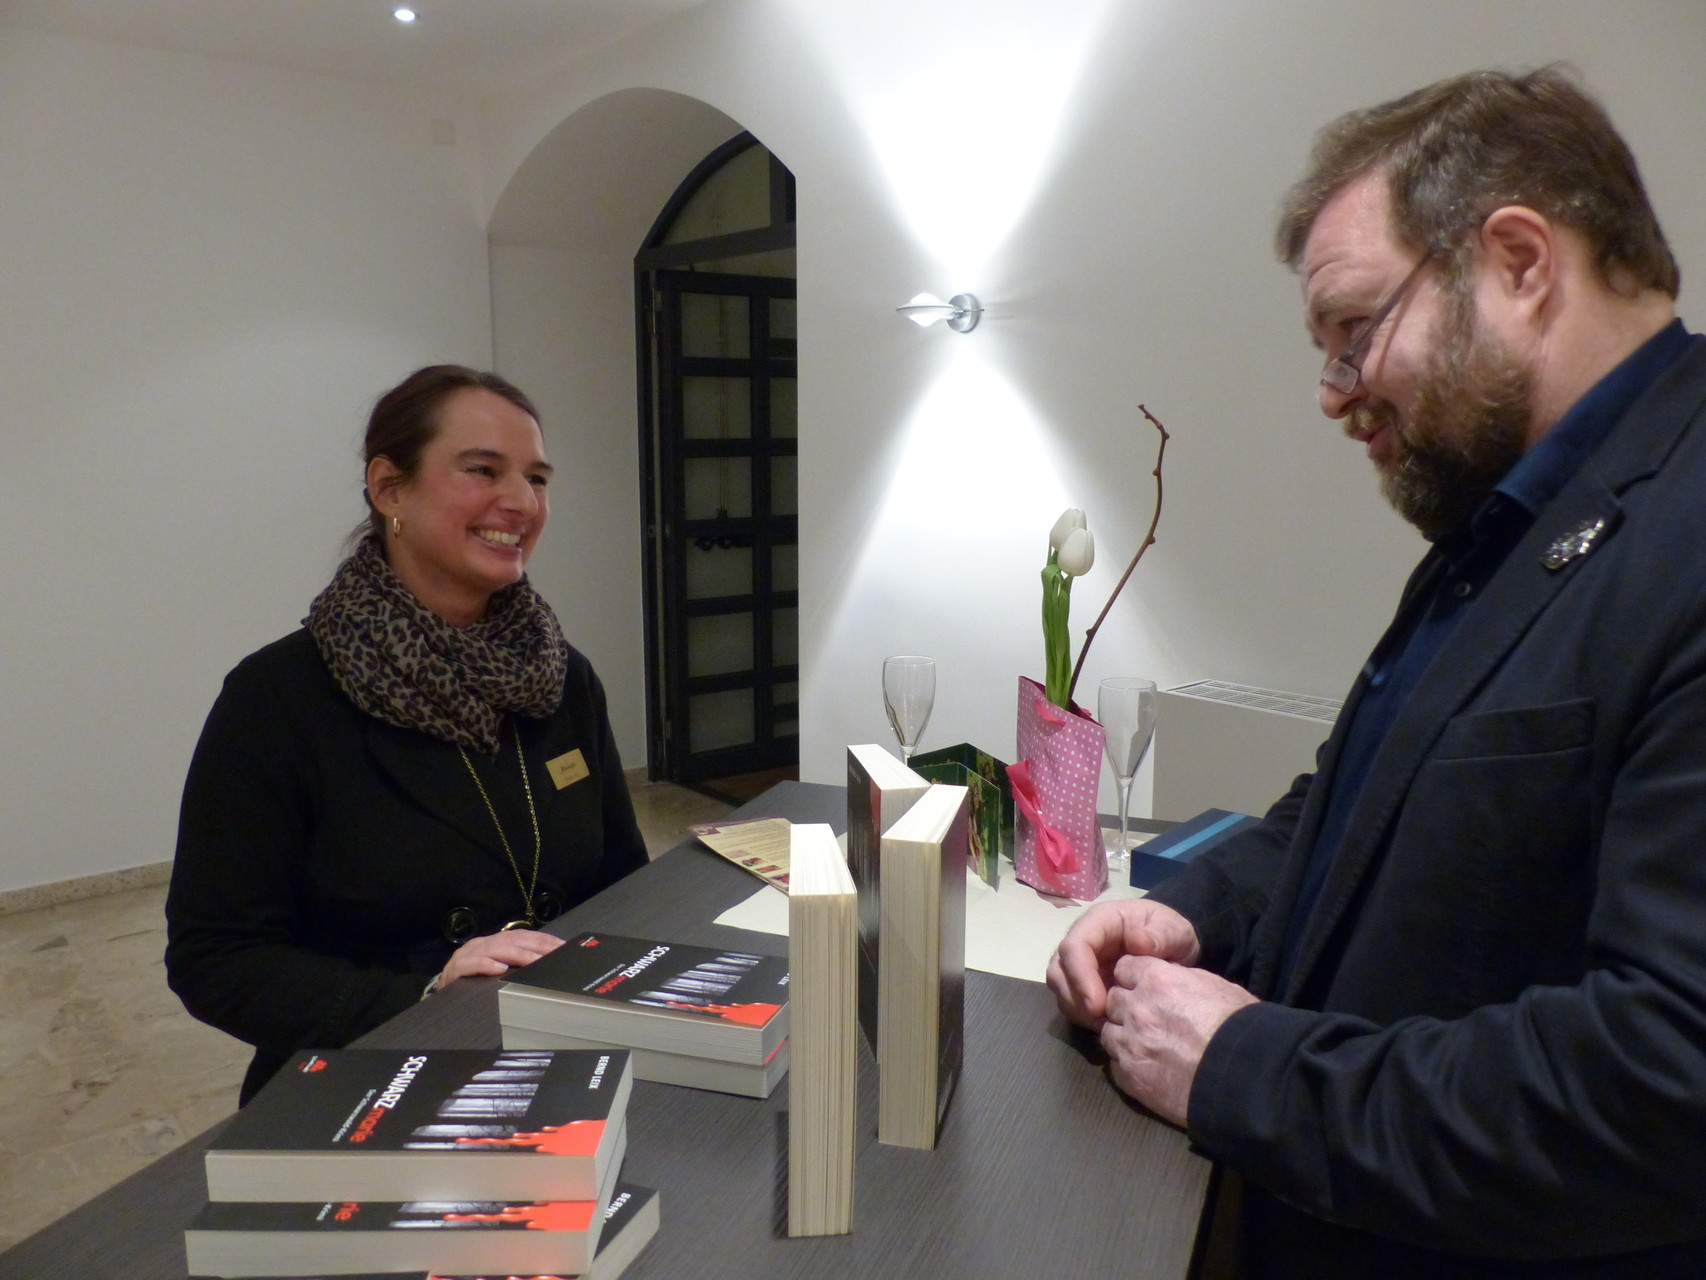 Nicole Kist von den AFFENTALER-Winzer im Gespräch mit Herrn Bernd Leix